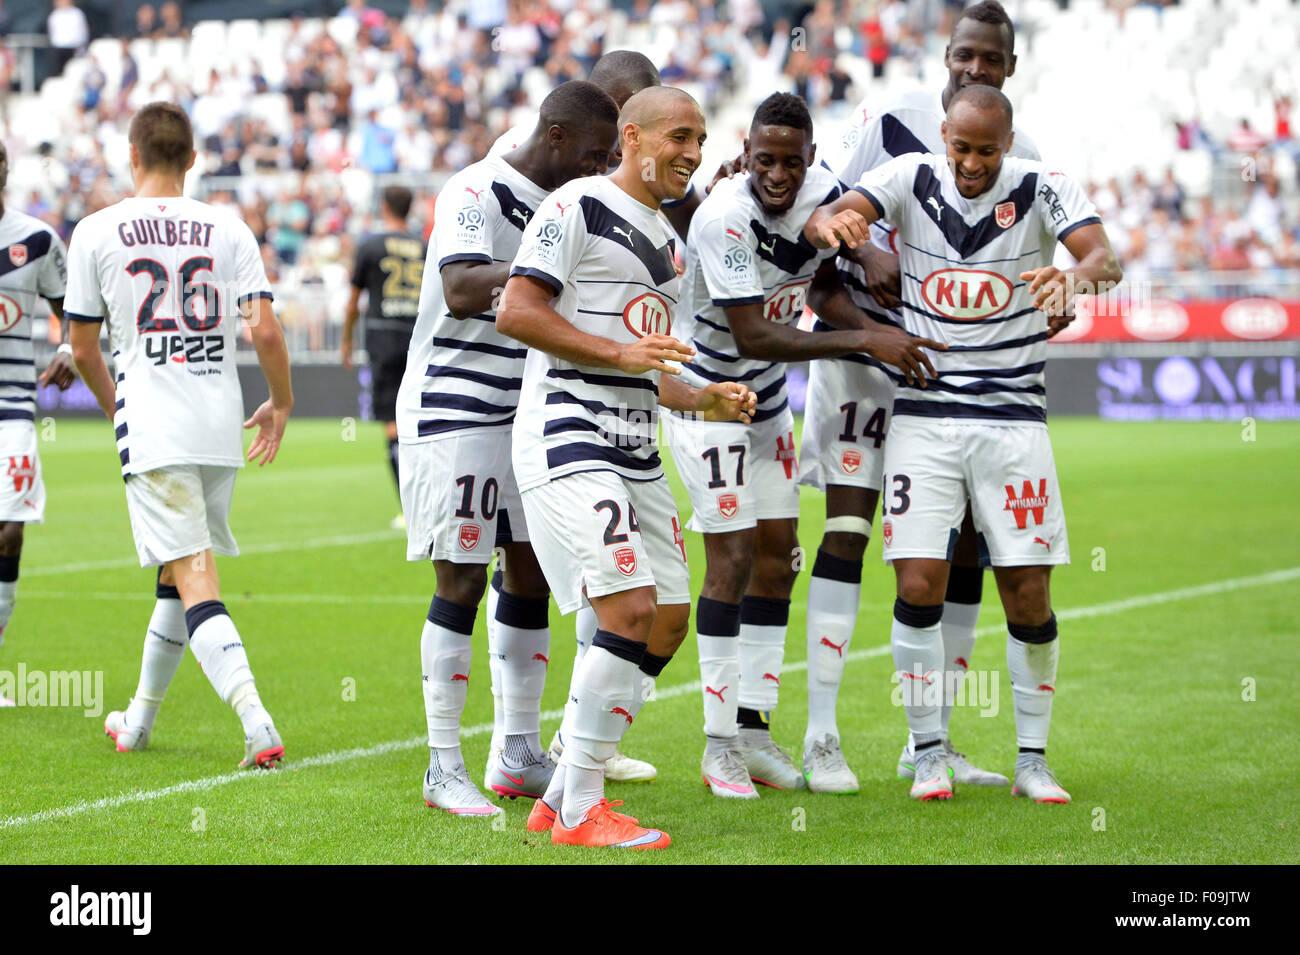 france football league com